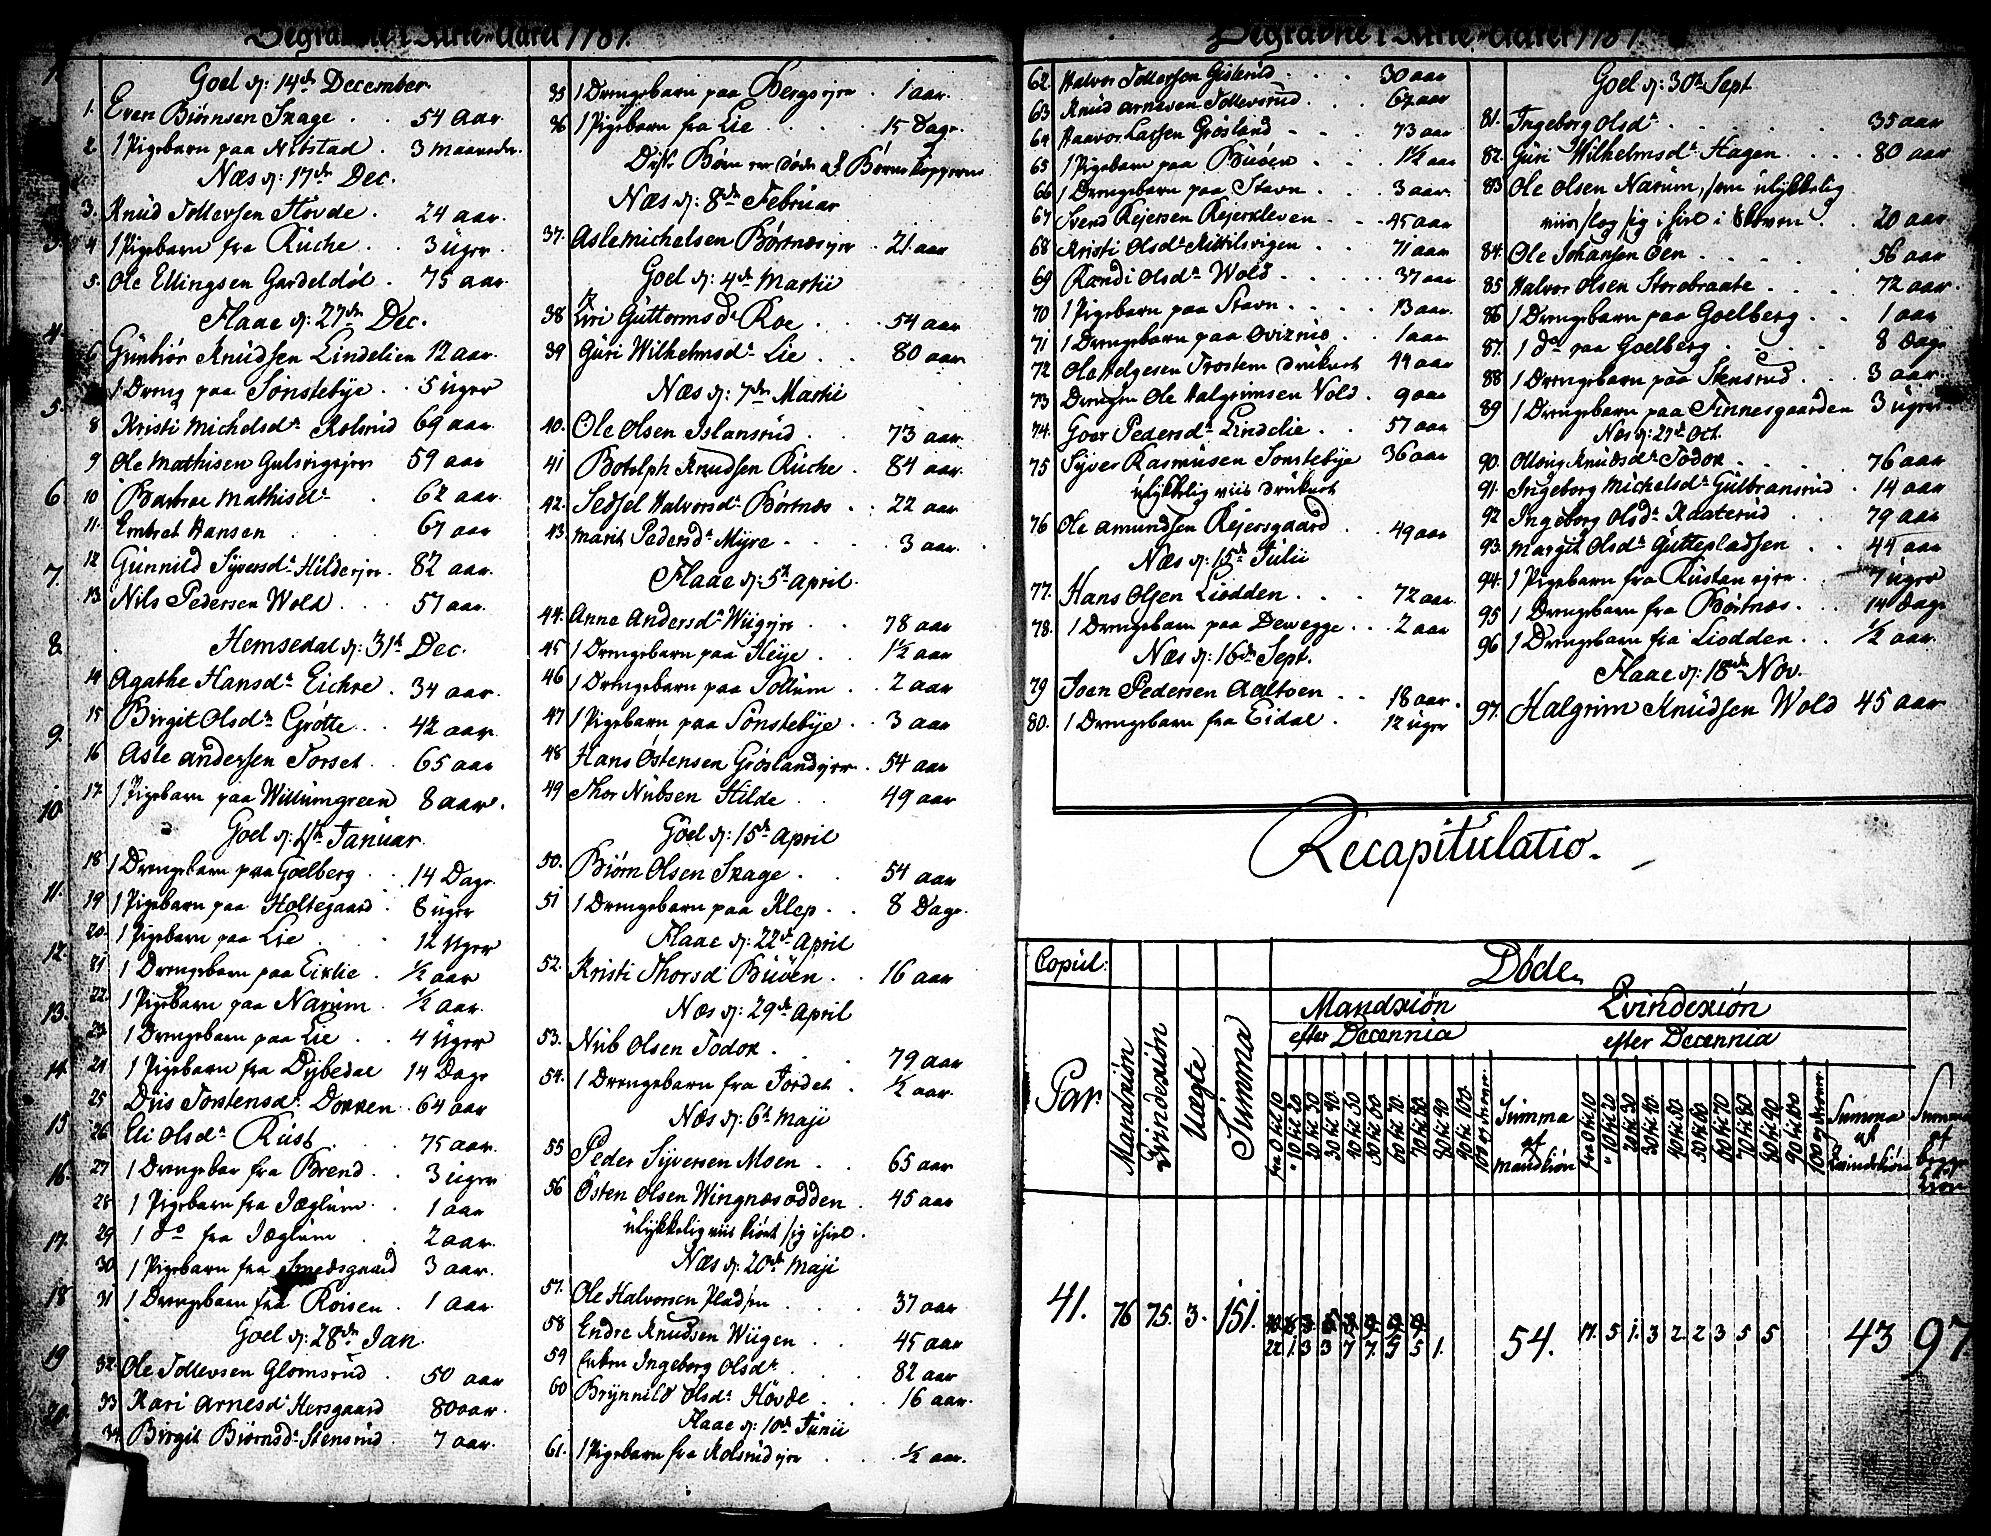 SAKO, Nes kirkebøker, F/Fa/L0005: Ministerialbok nr. 5, 1787-1807, s. 14-15